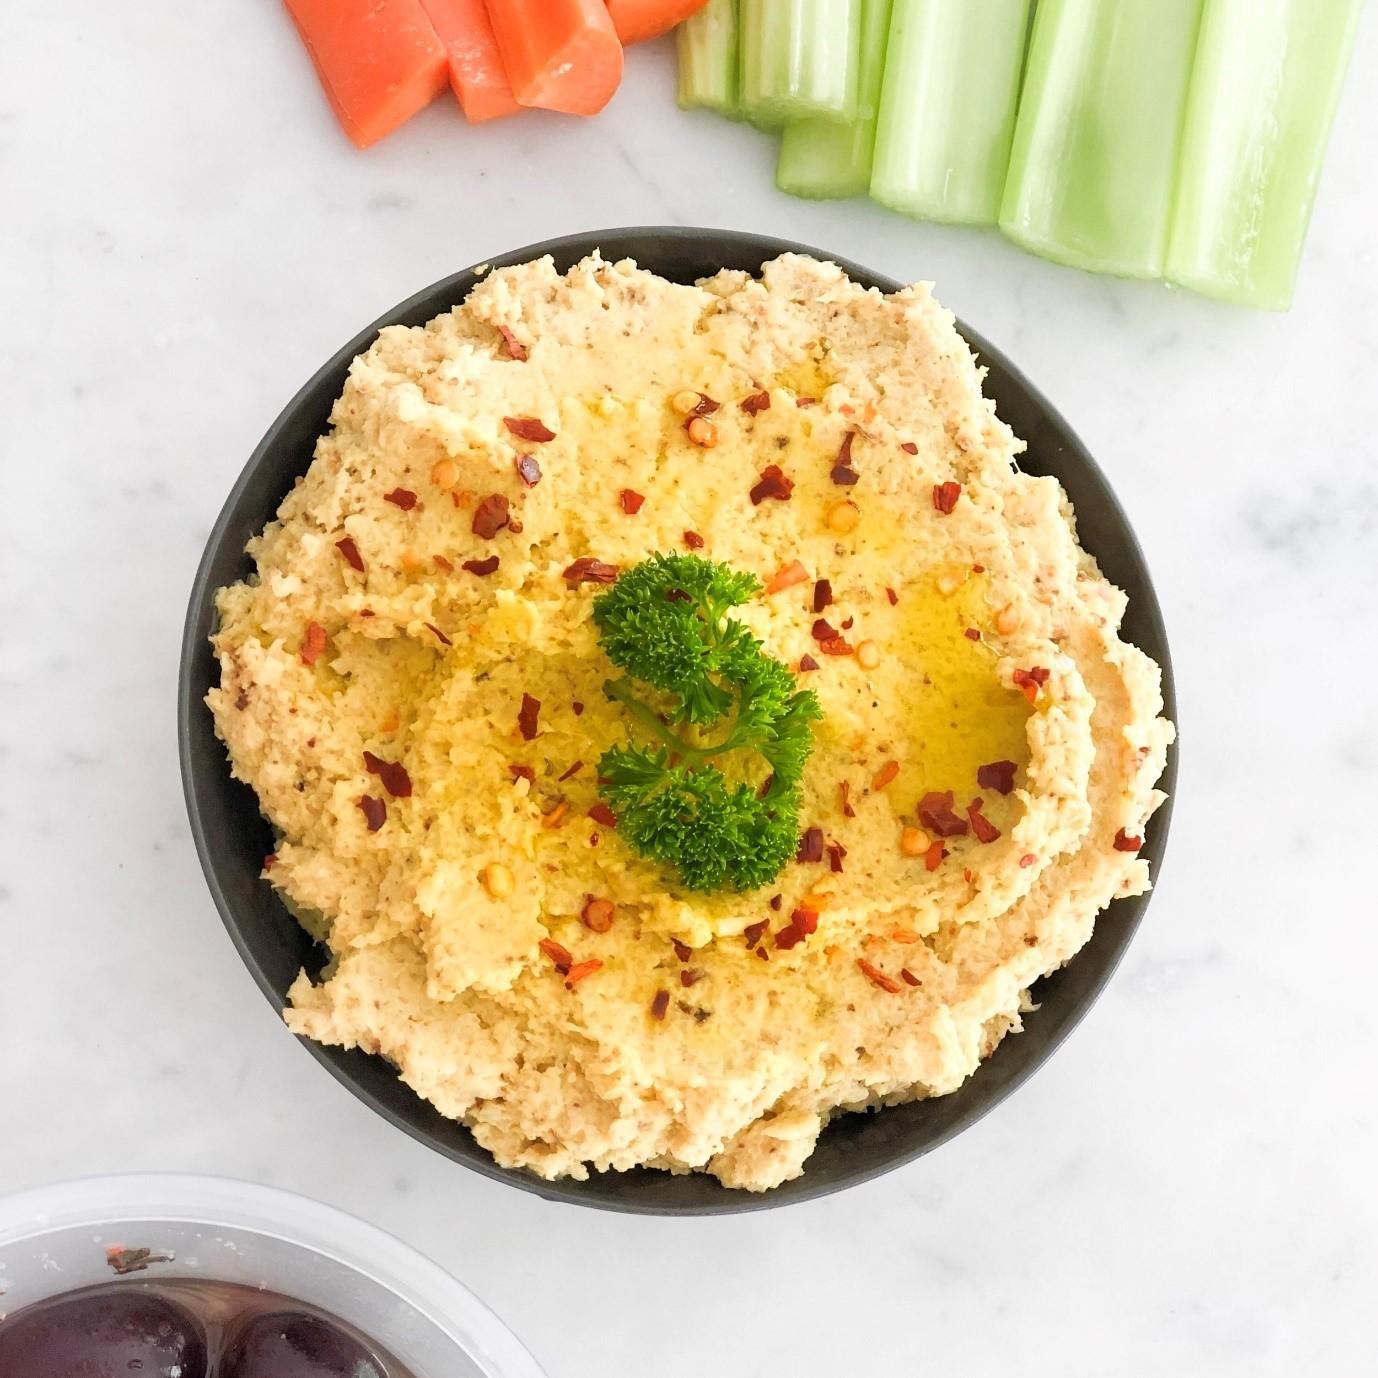 Healthy hummus recipe 2